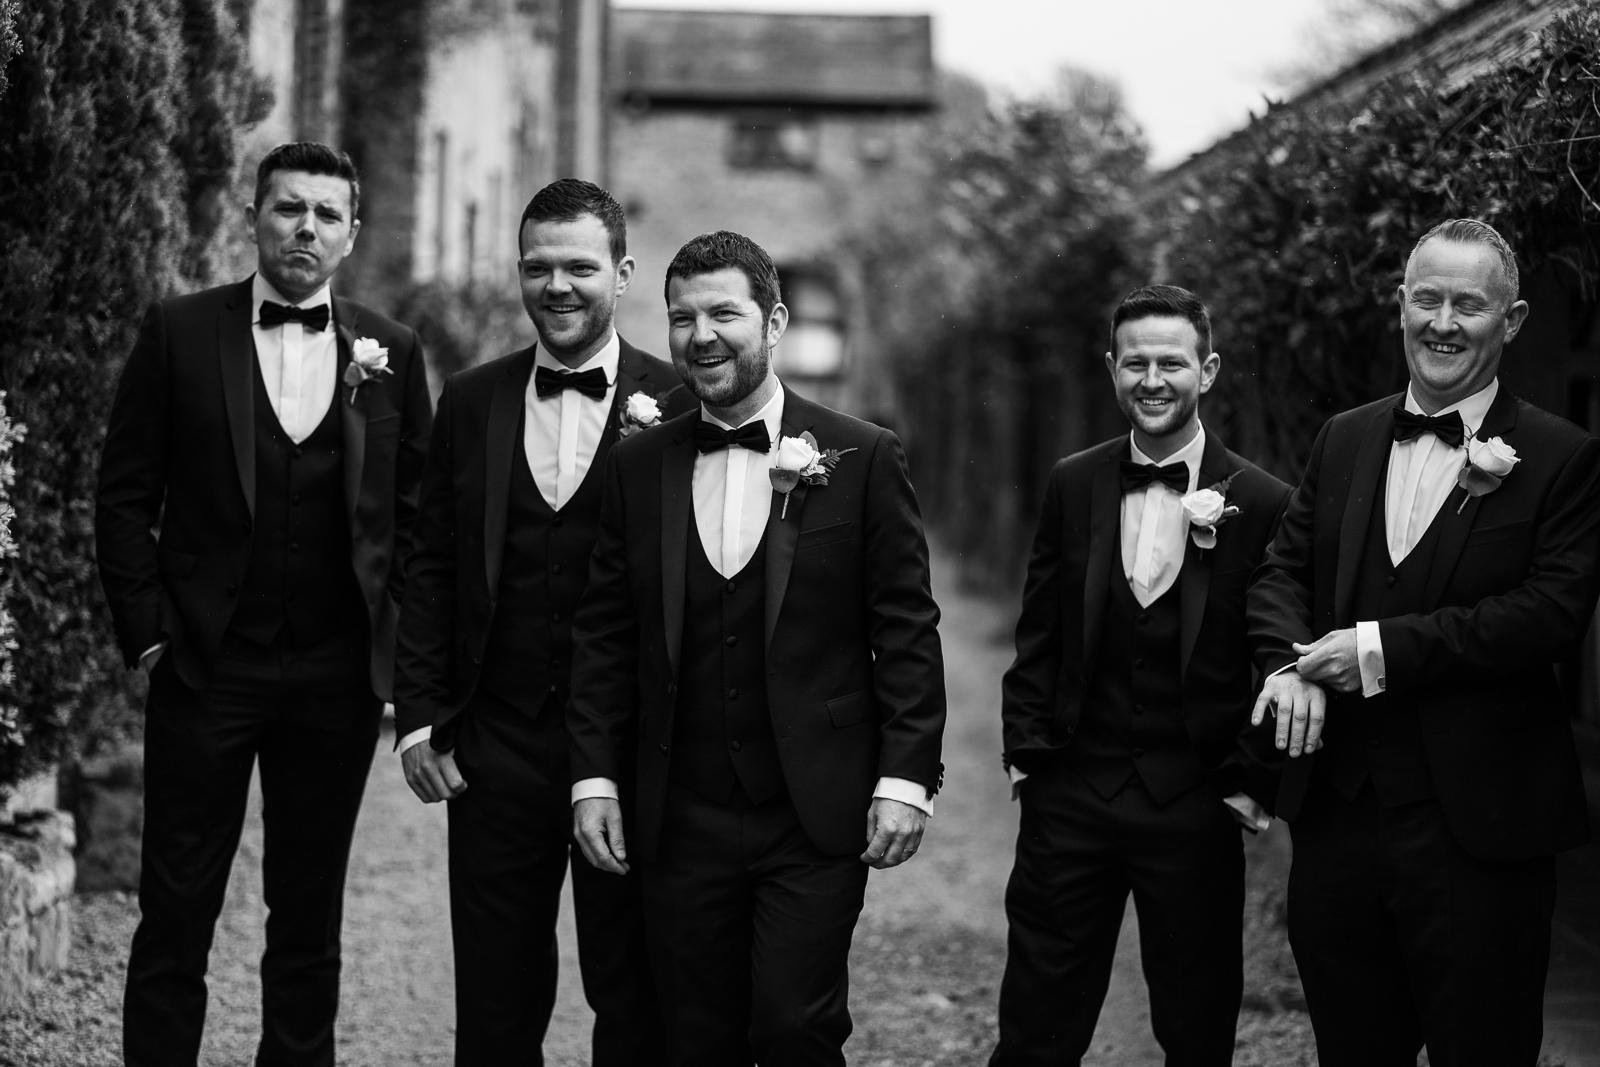 irish groomsmen